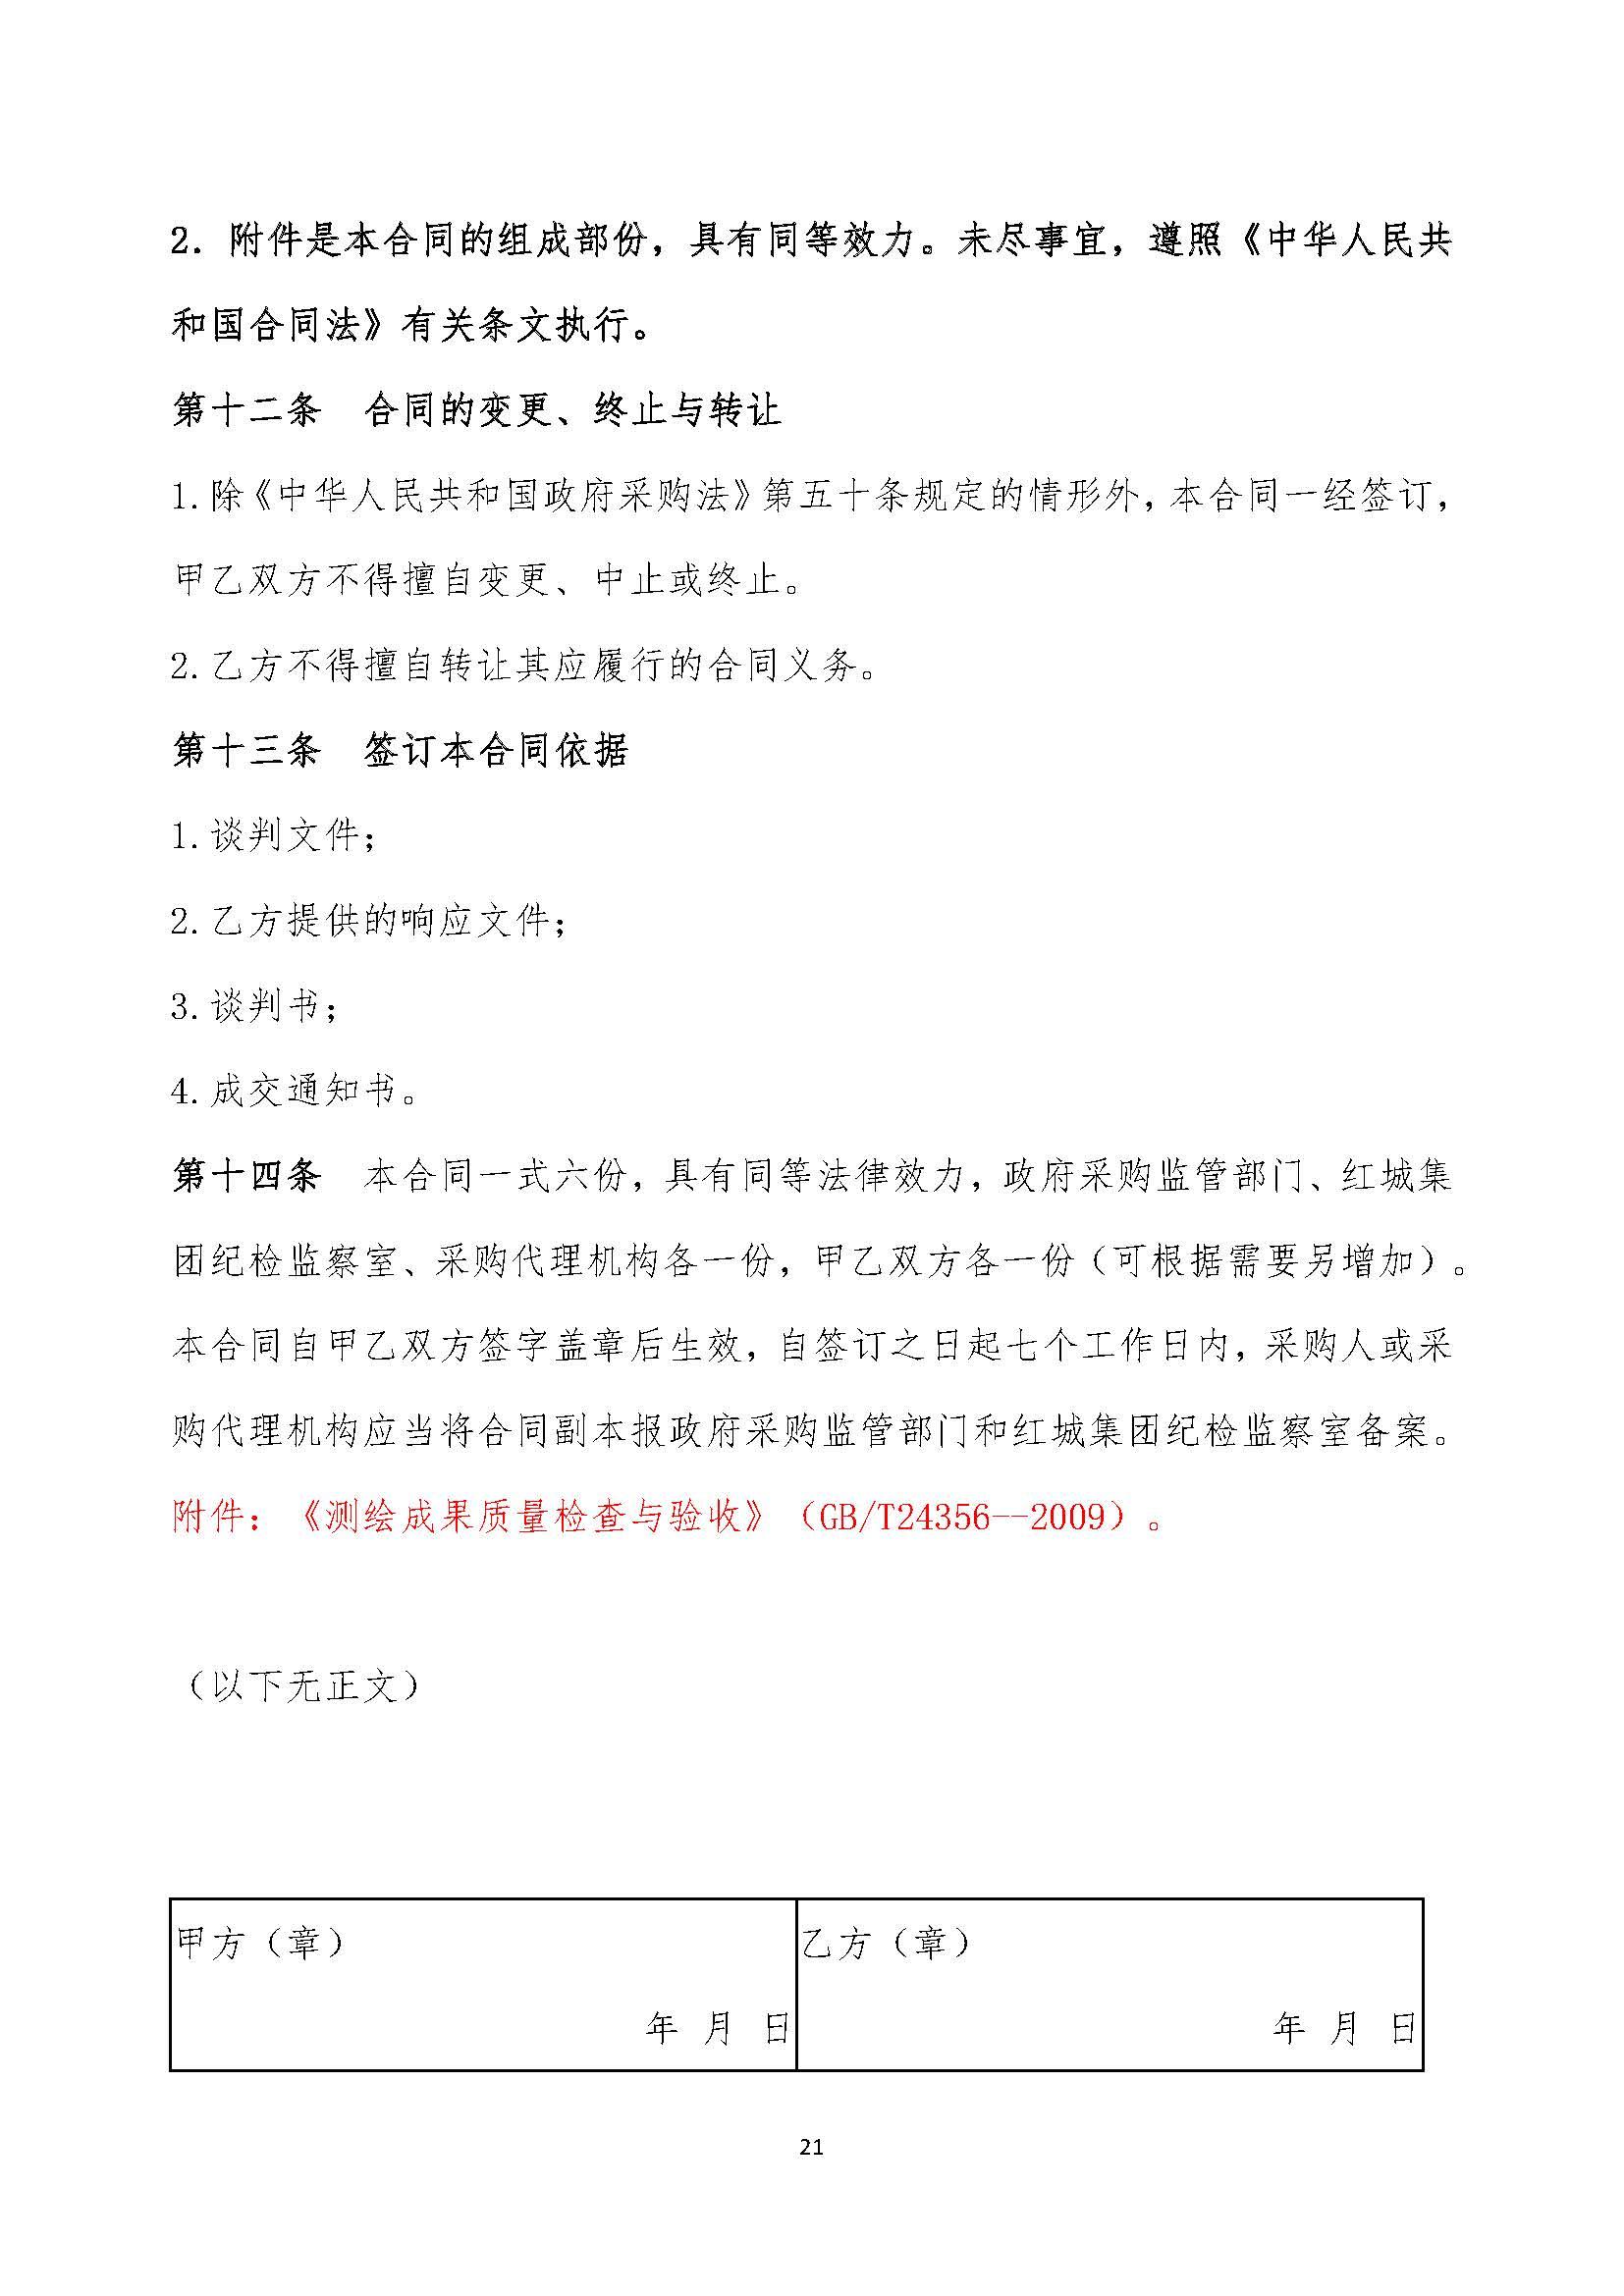 (确定)安徽快三基本走势图市政环卫园林绿化企业一体化面积测绘服务采购 竞争性谈判采购文件20200610(2)_页面_25.jpg